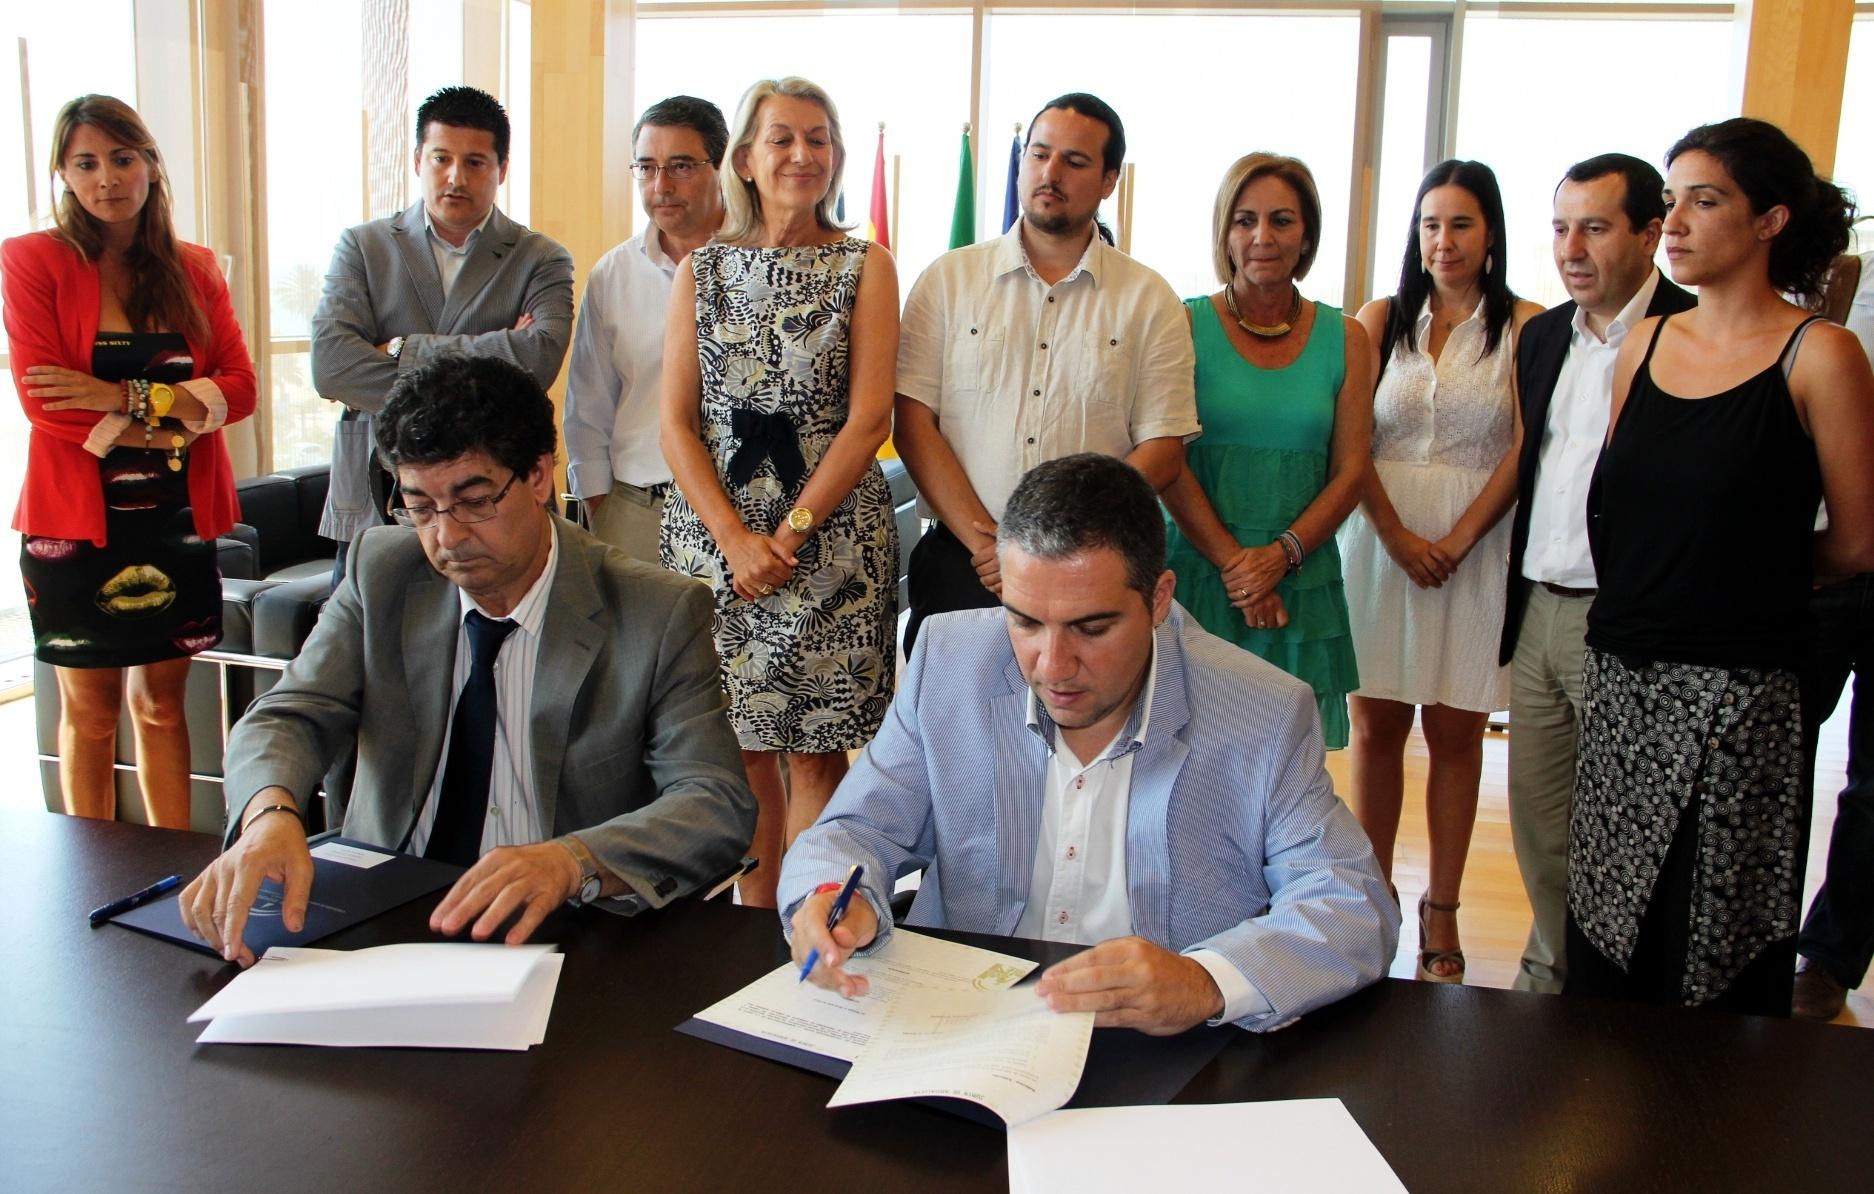 El PFEA de 2013 permitirá la firma de casi 12.000 contratos en la provincia de Málaga